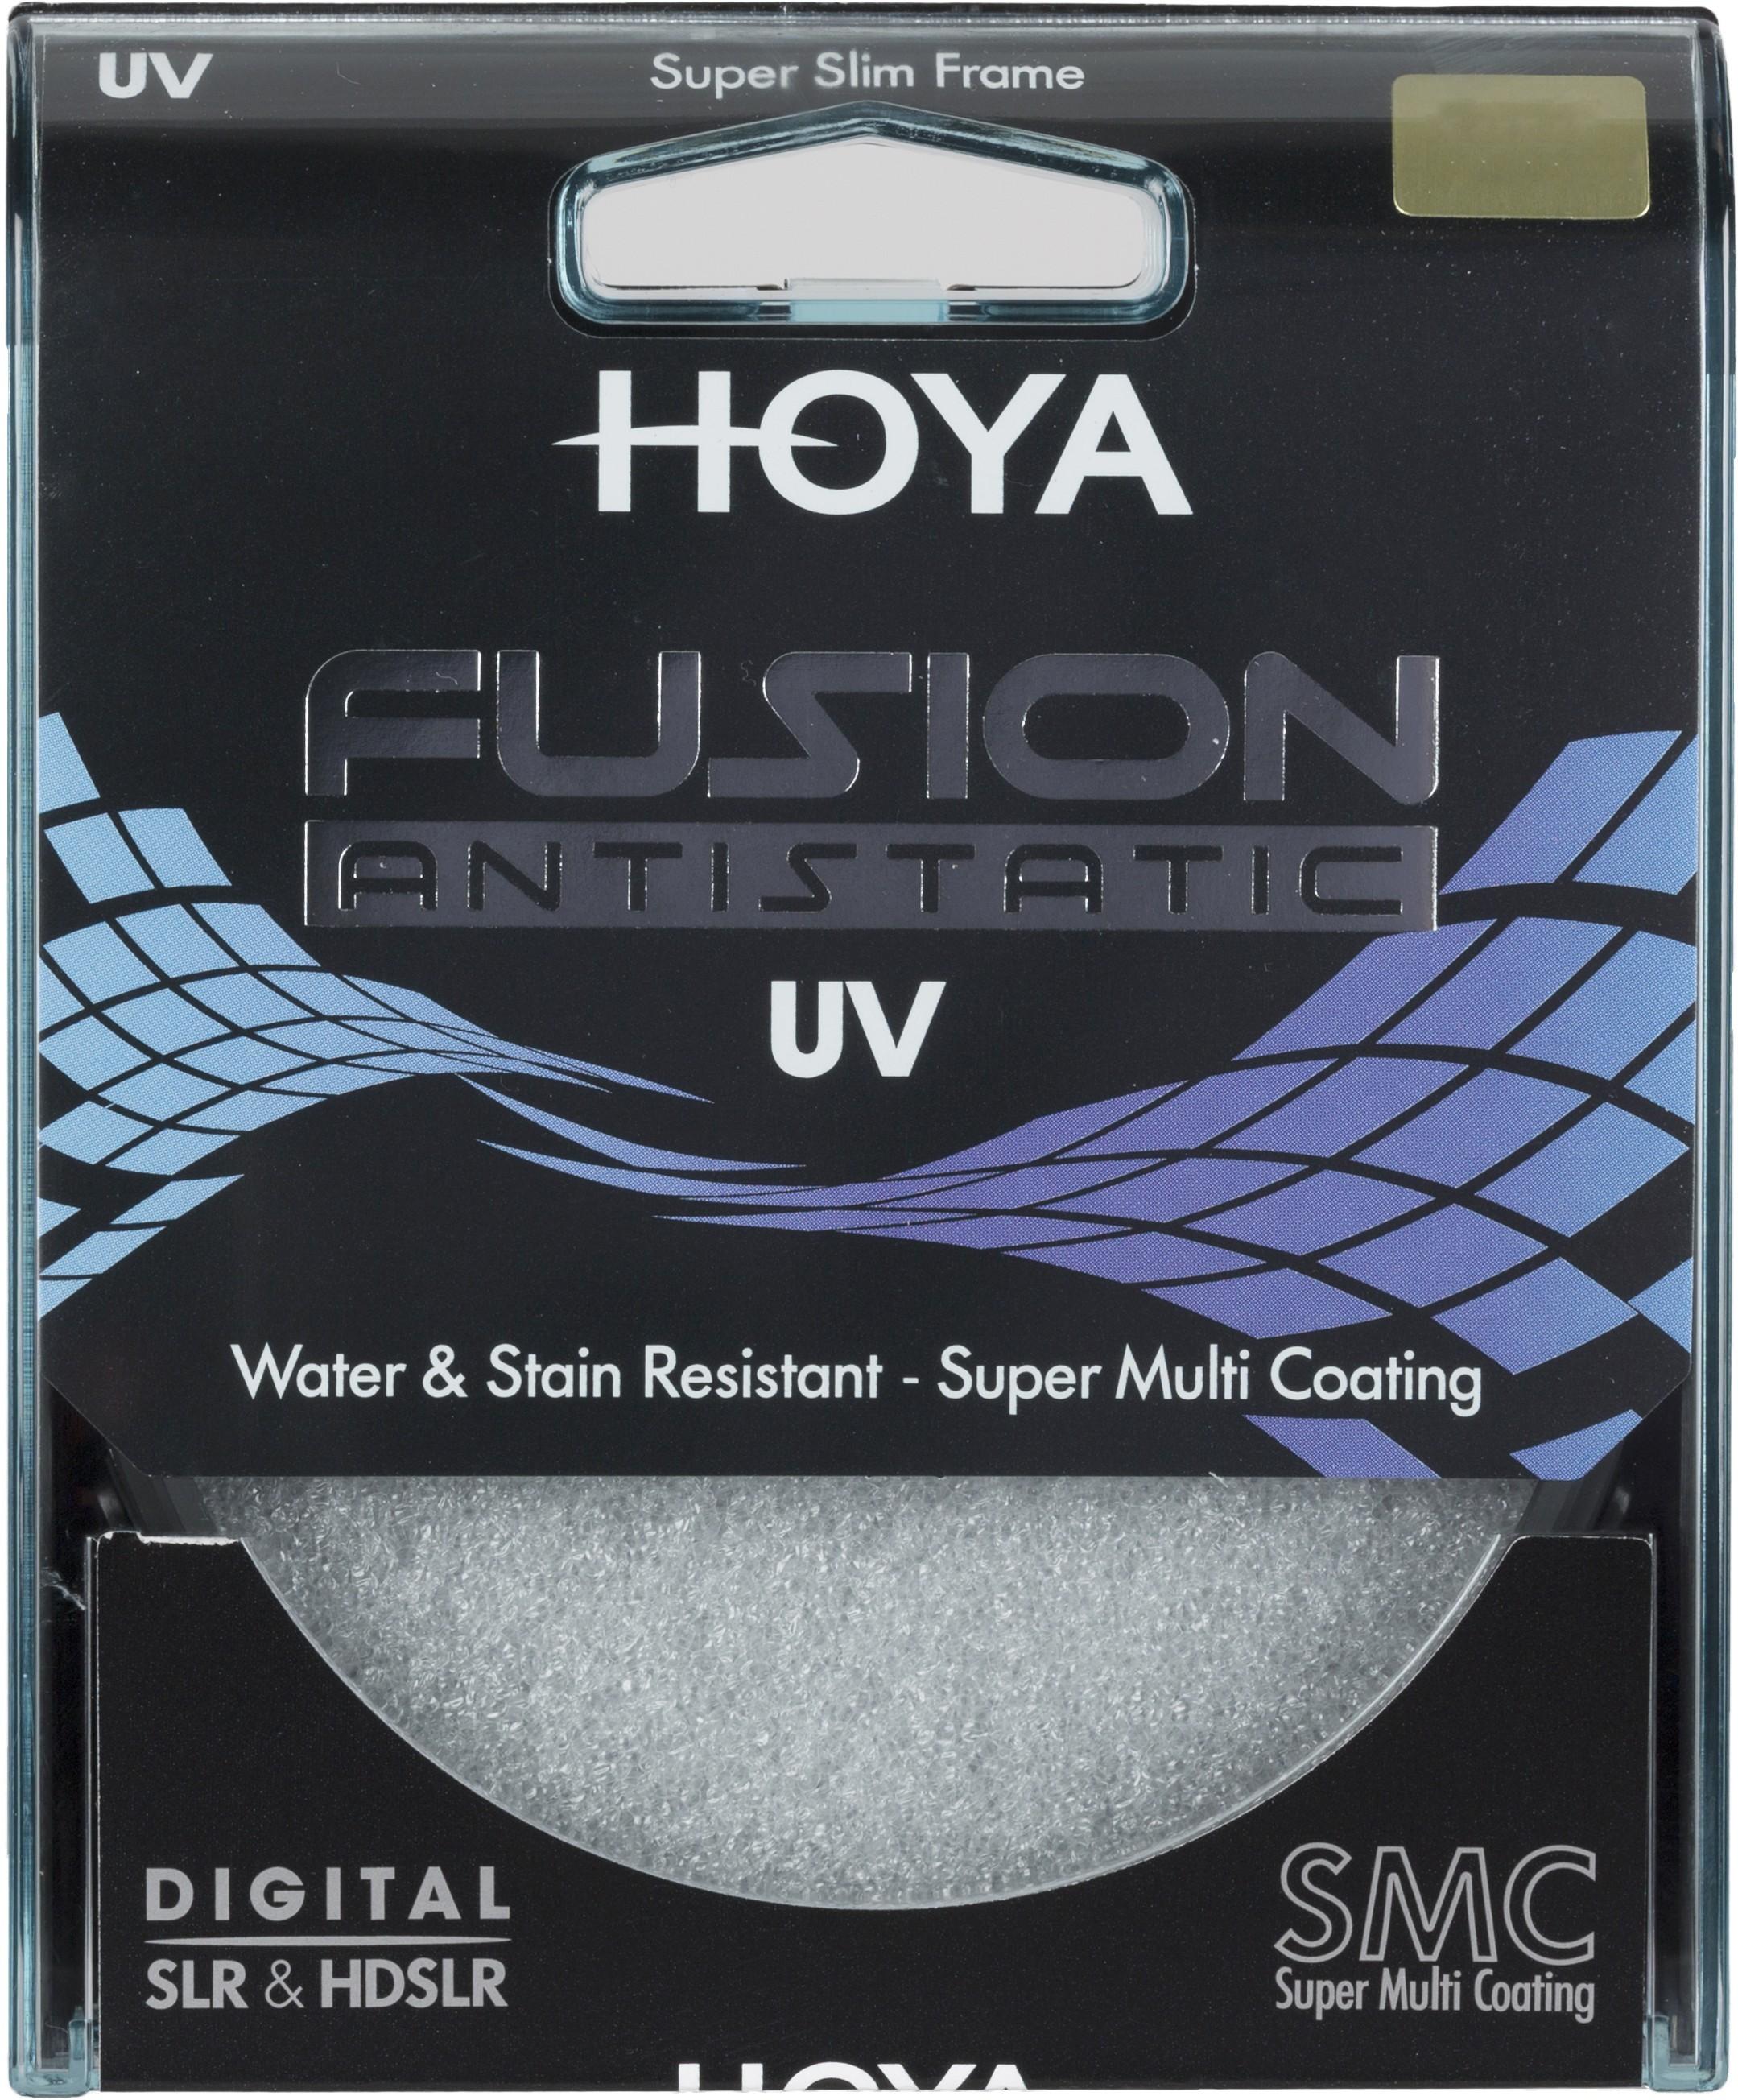 Hoya filter UV Fusion Antistatic 46mm